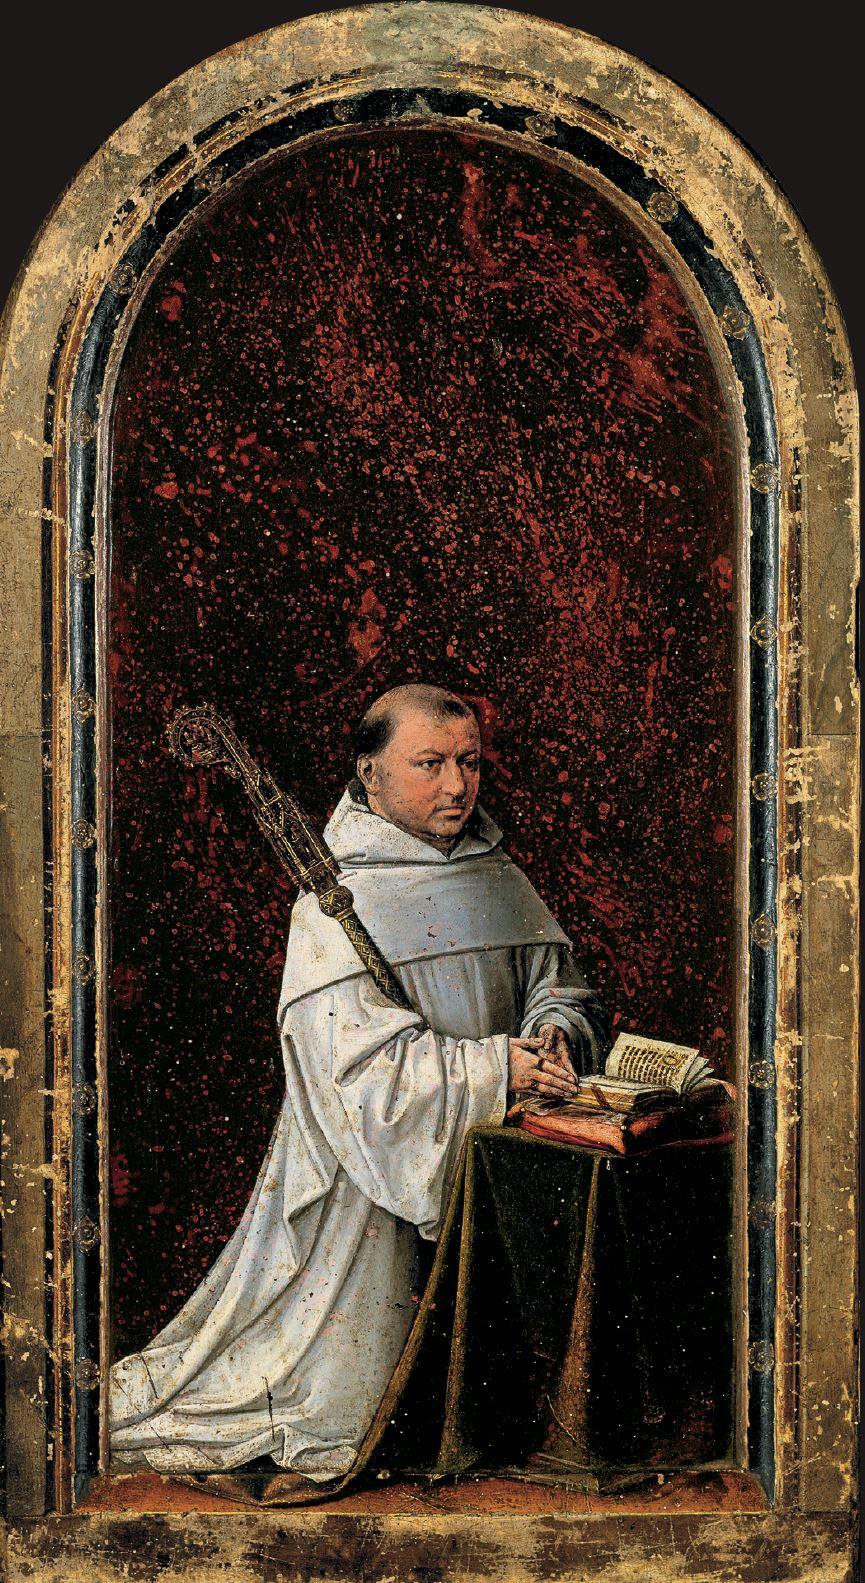 Diptych_Master_of_1499 Abbot Christiaan de Hondtabbot Robrecht de Clercq , Koninklijk Museum voor Schone Kunsten, Antwerp left